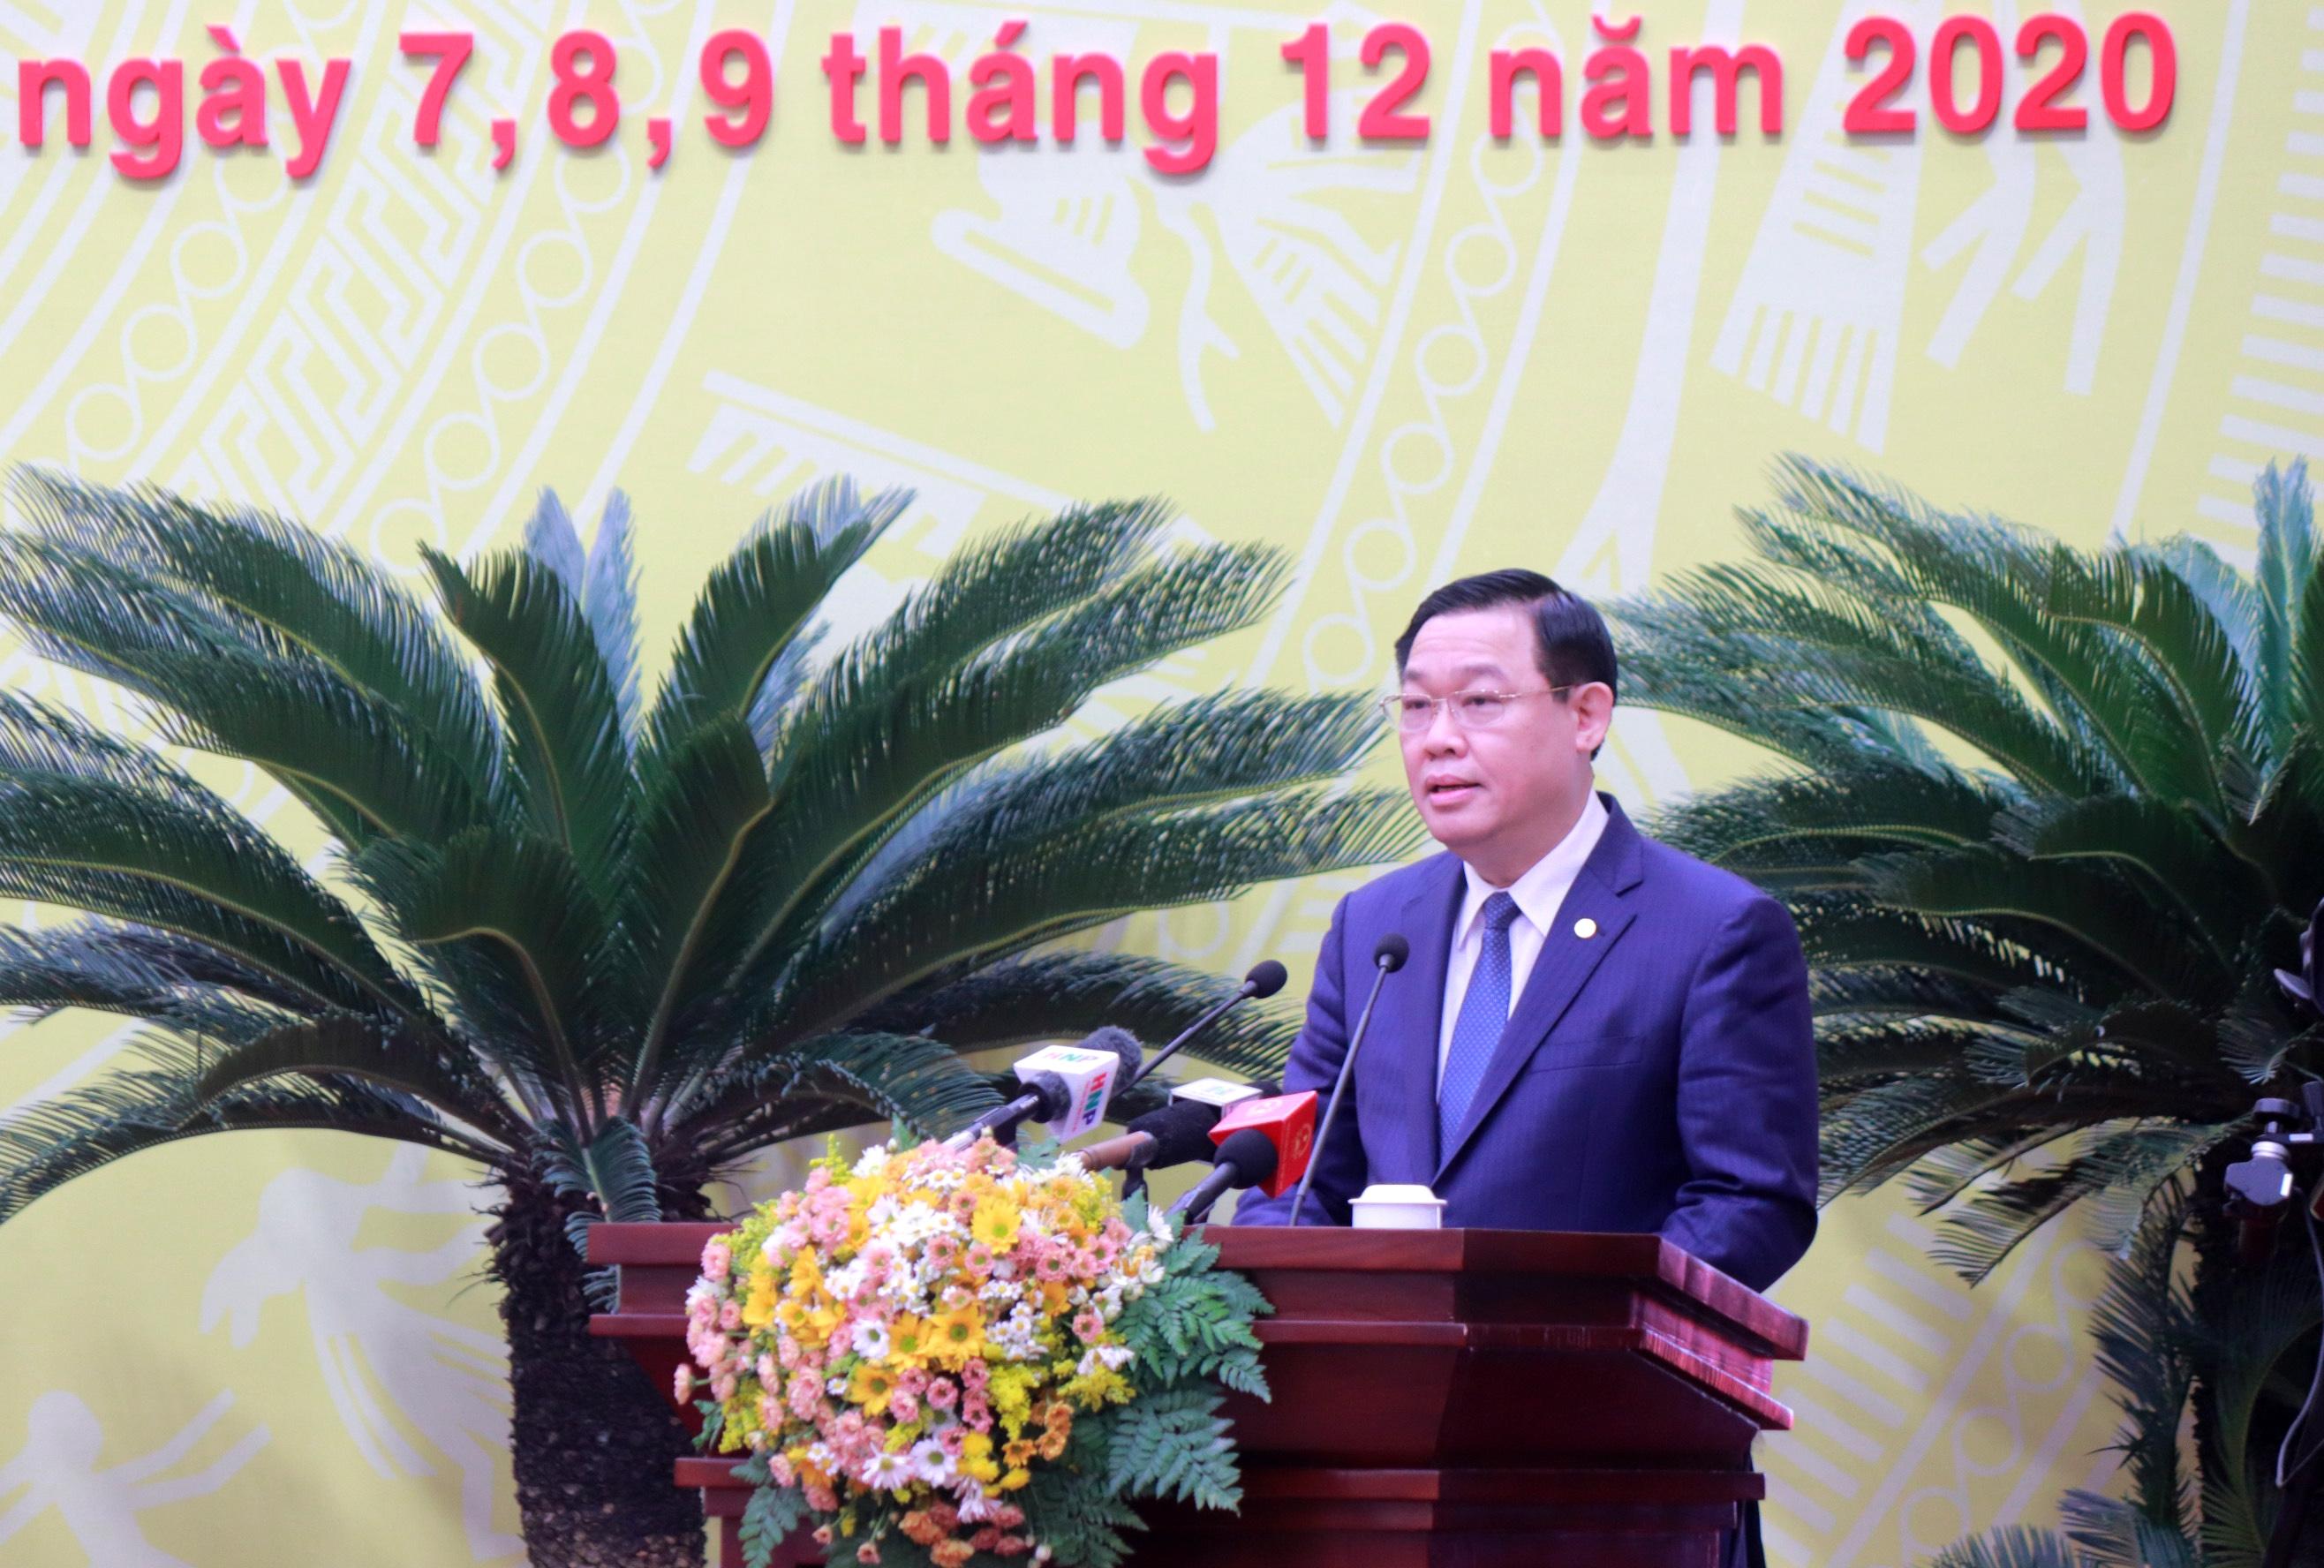 Bí thư Thành ủy Hà Nội Vương Đình Huệ: Tạo những chuyển biến căn bản trên mọi lĩnh vực ngay trong năm 2021